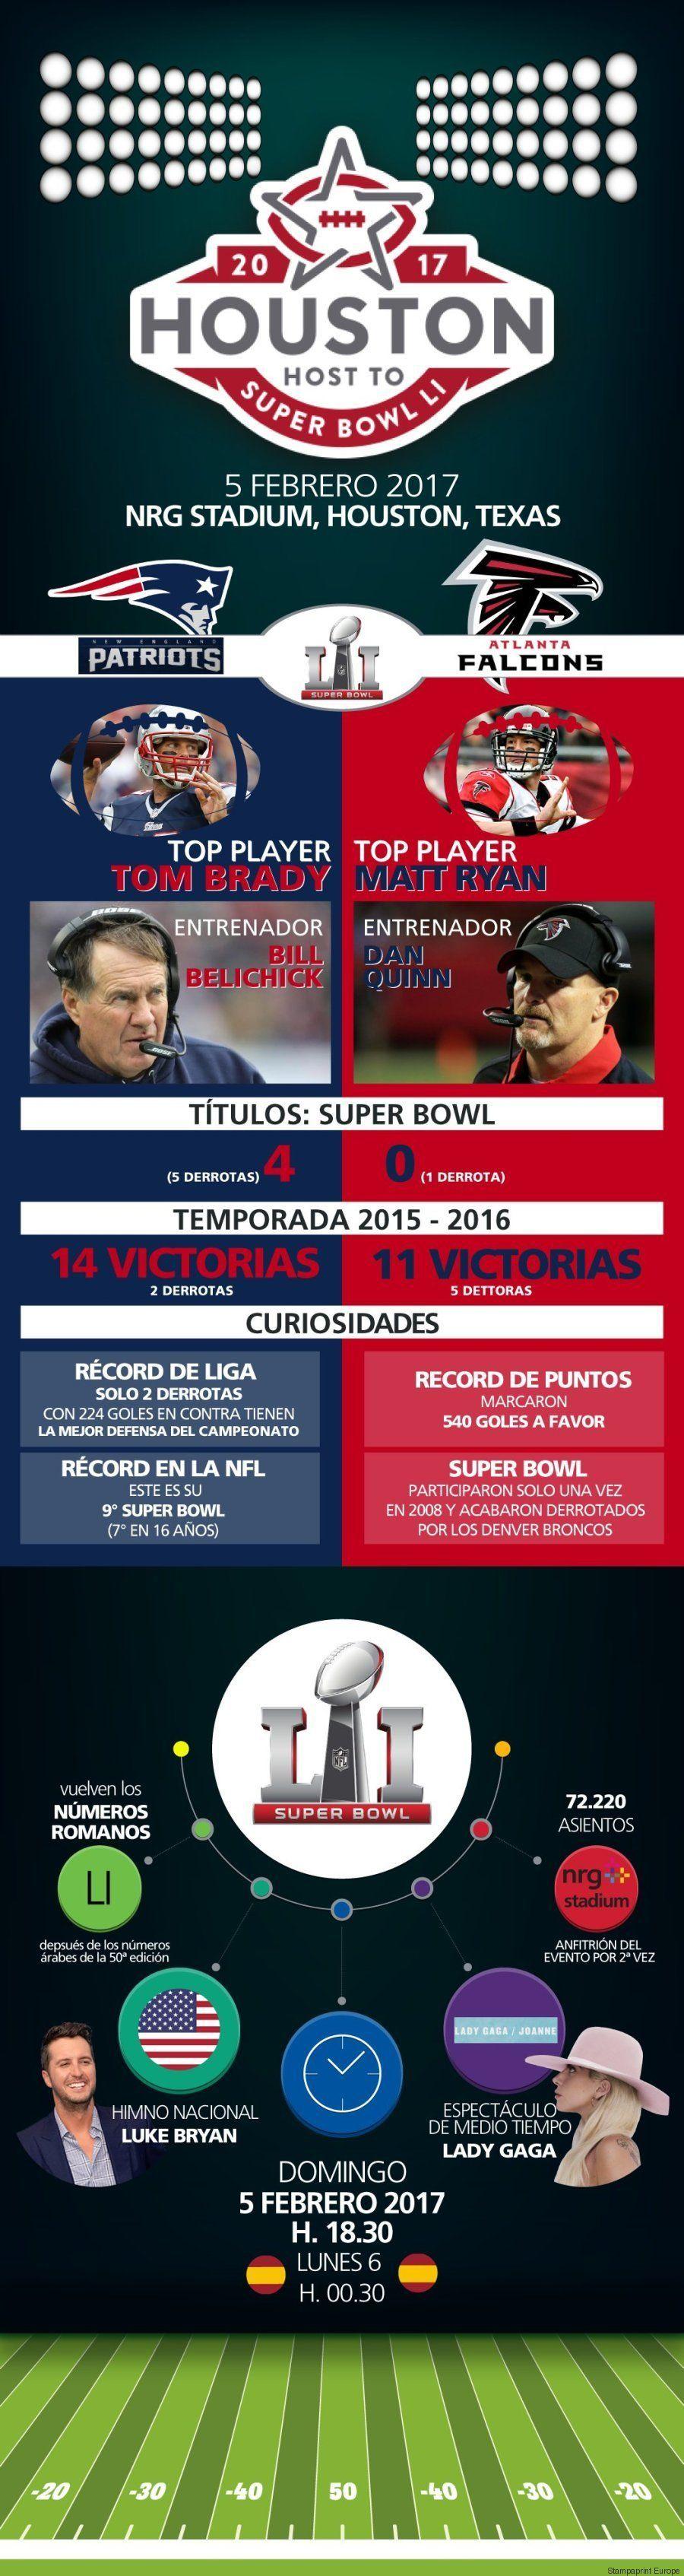 Prepárate para la Super Bowl con esta